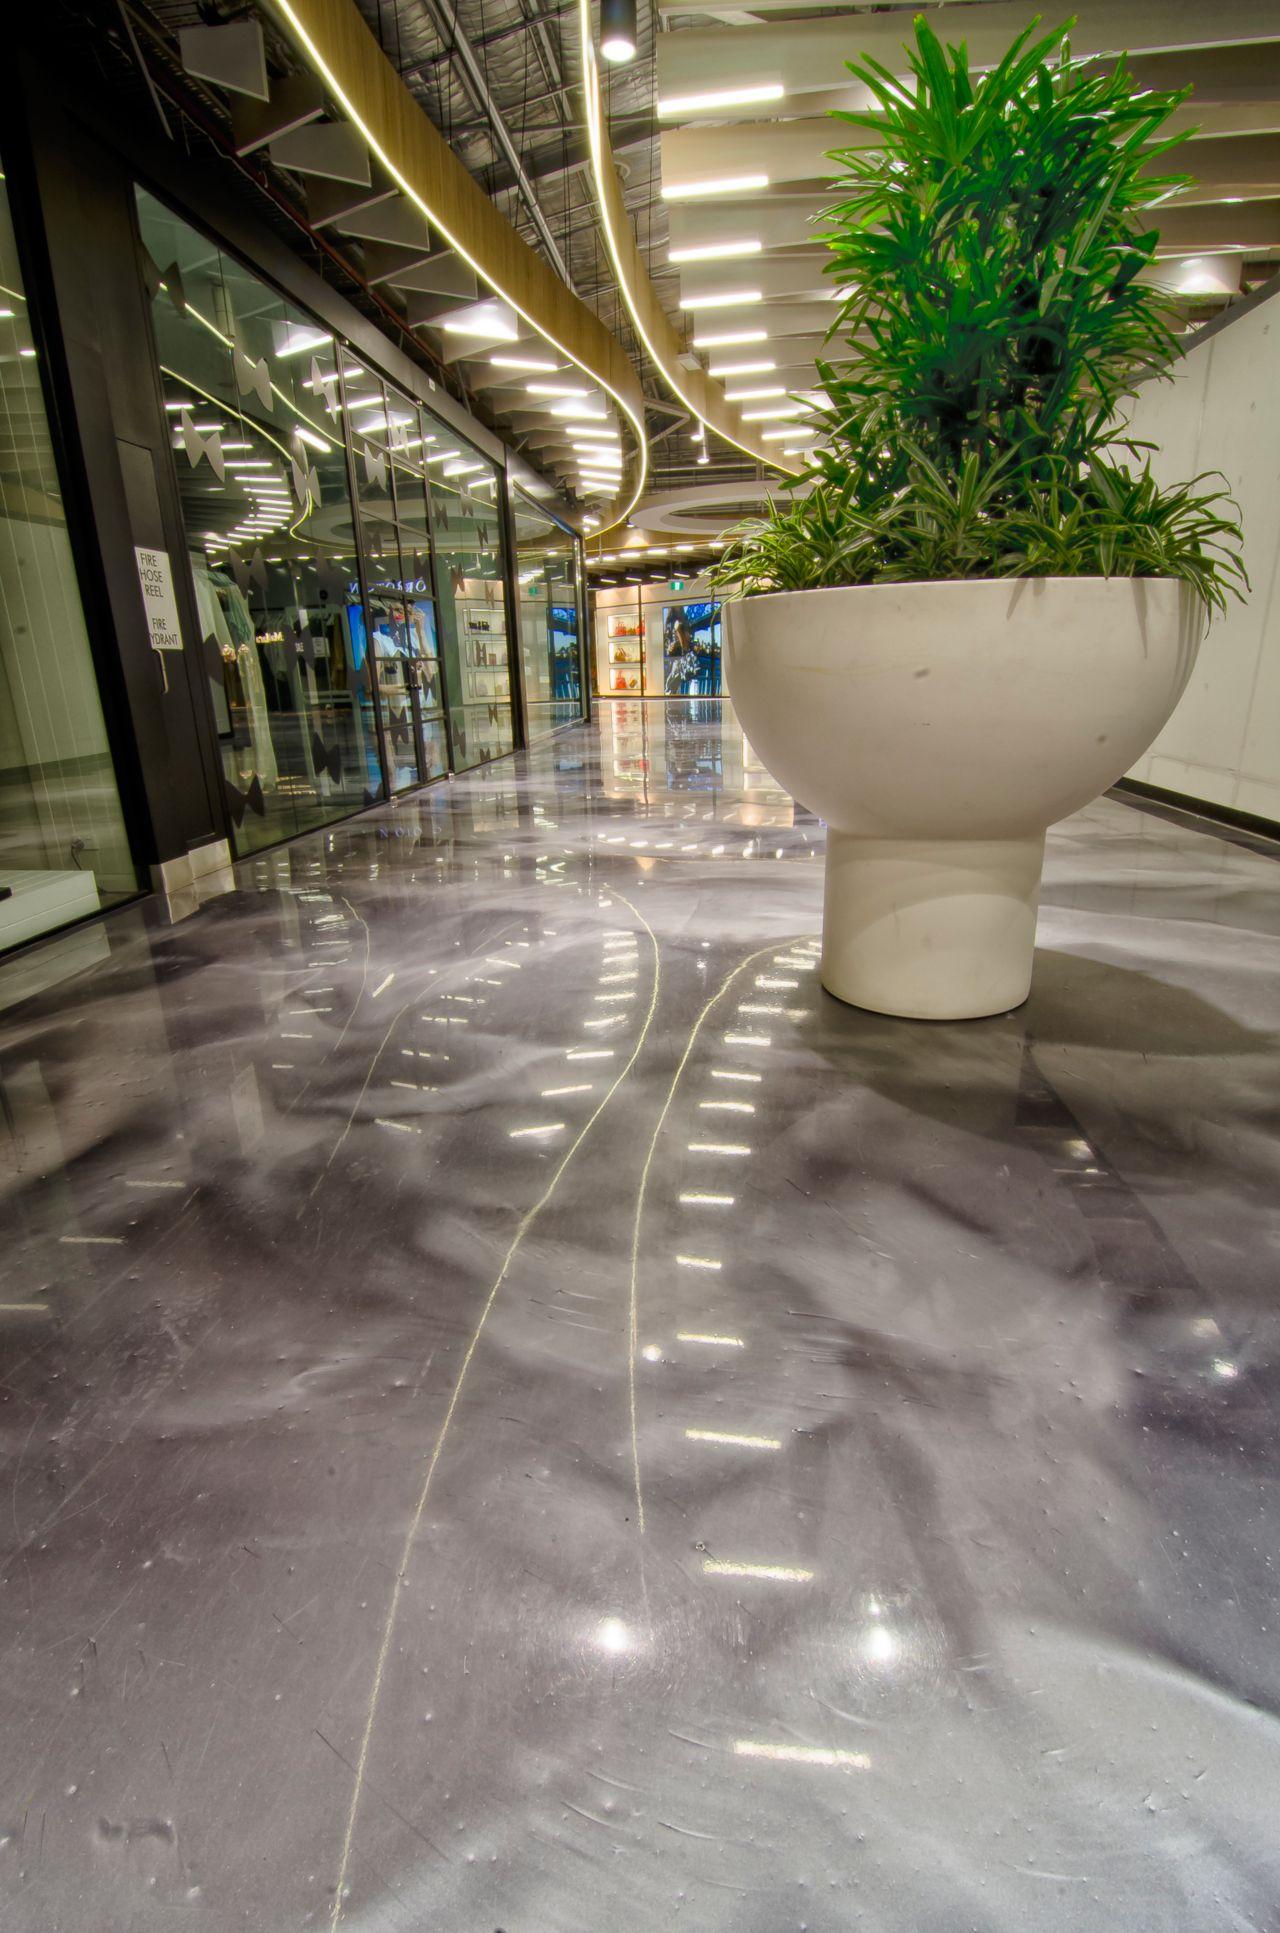 White plant vase on metallic floor in DFO Homebush shopping center